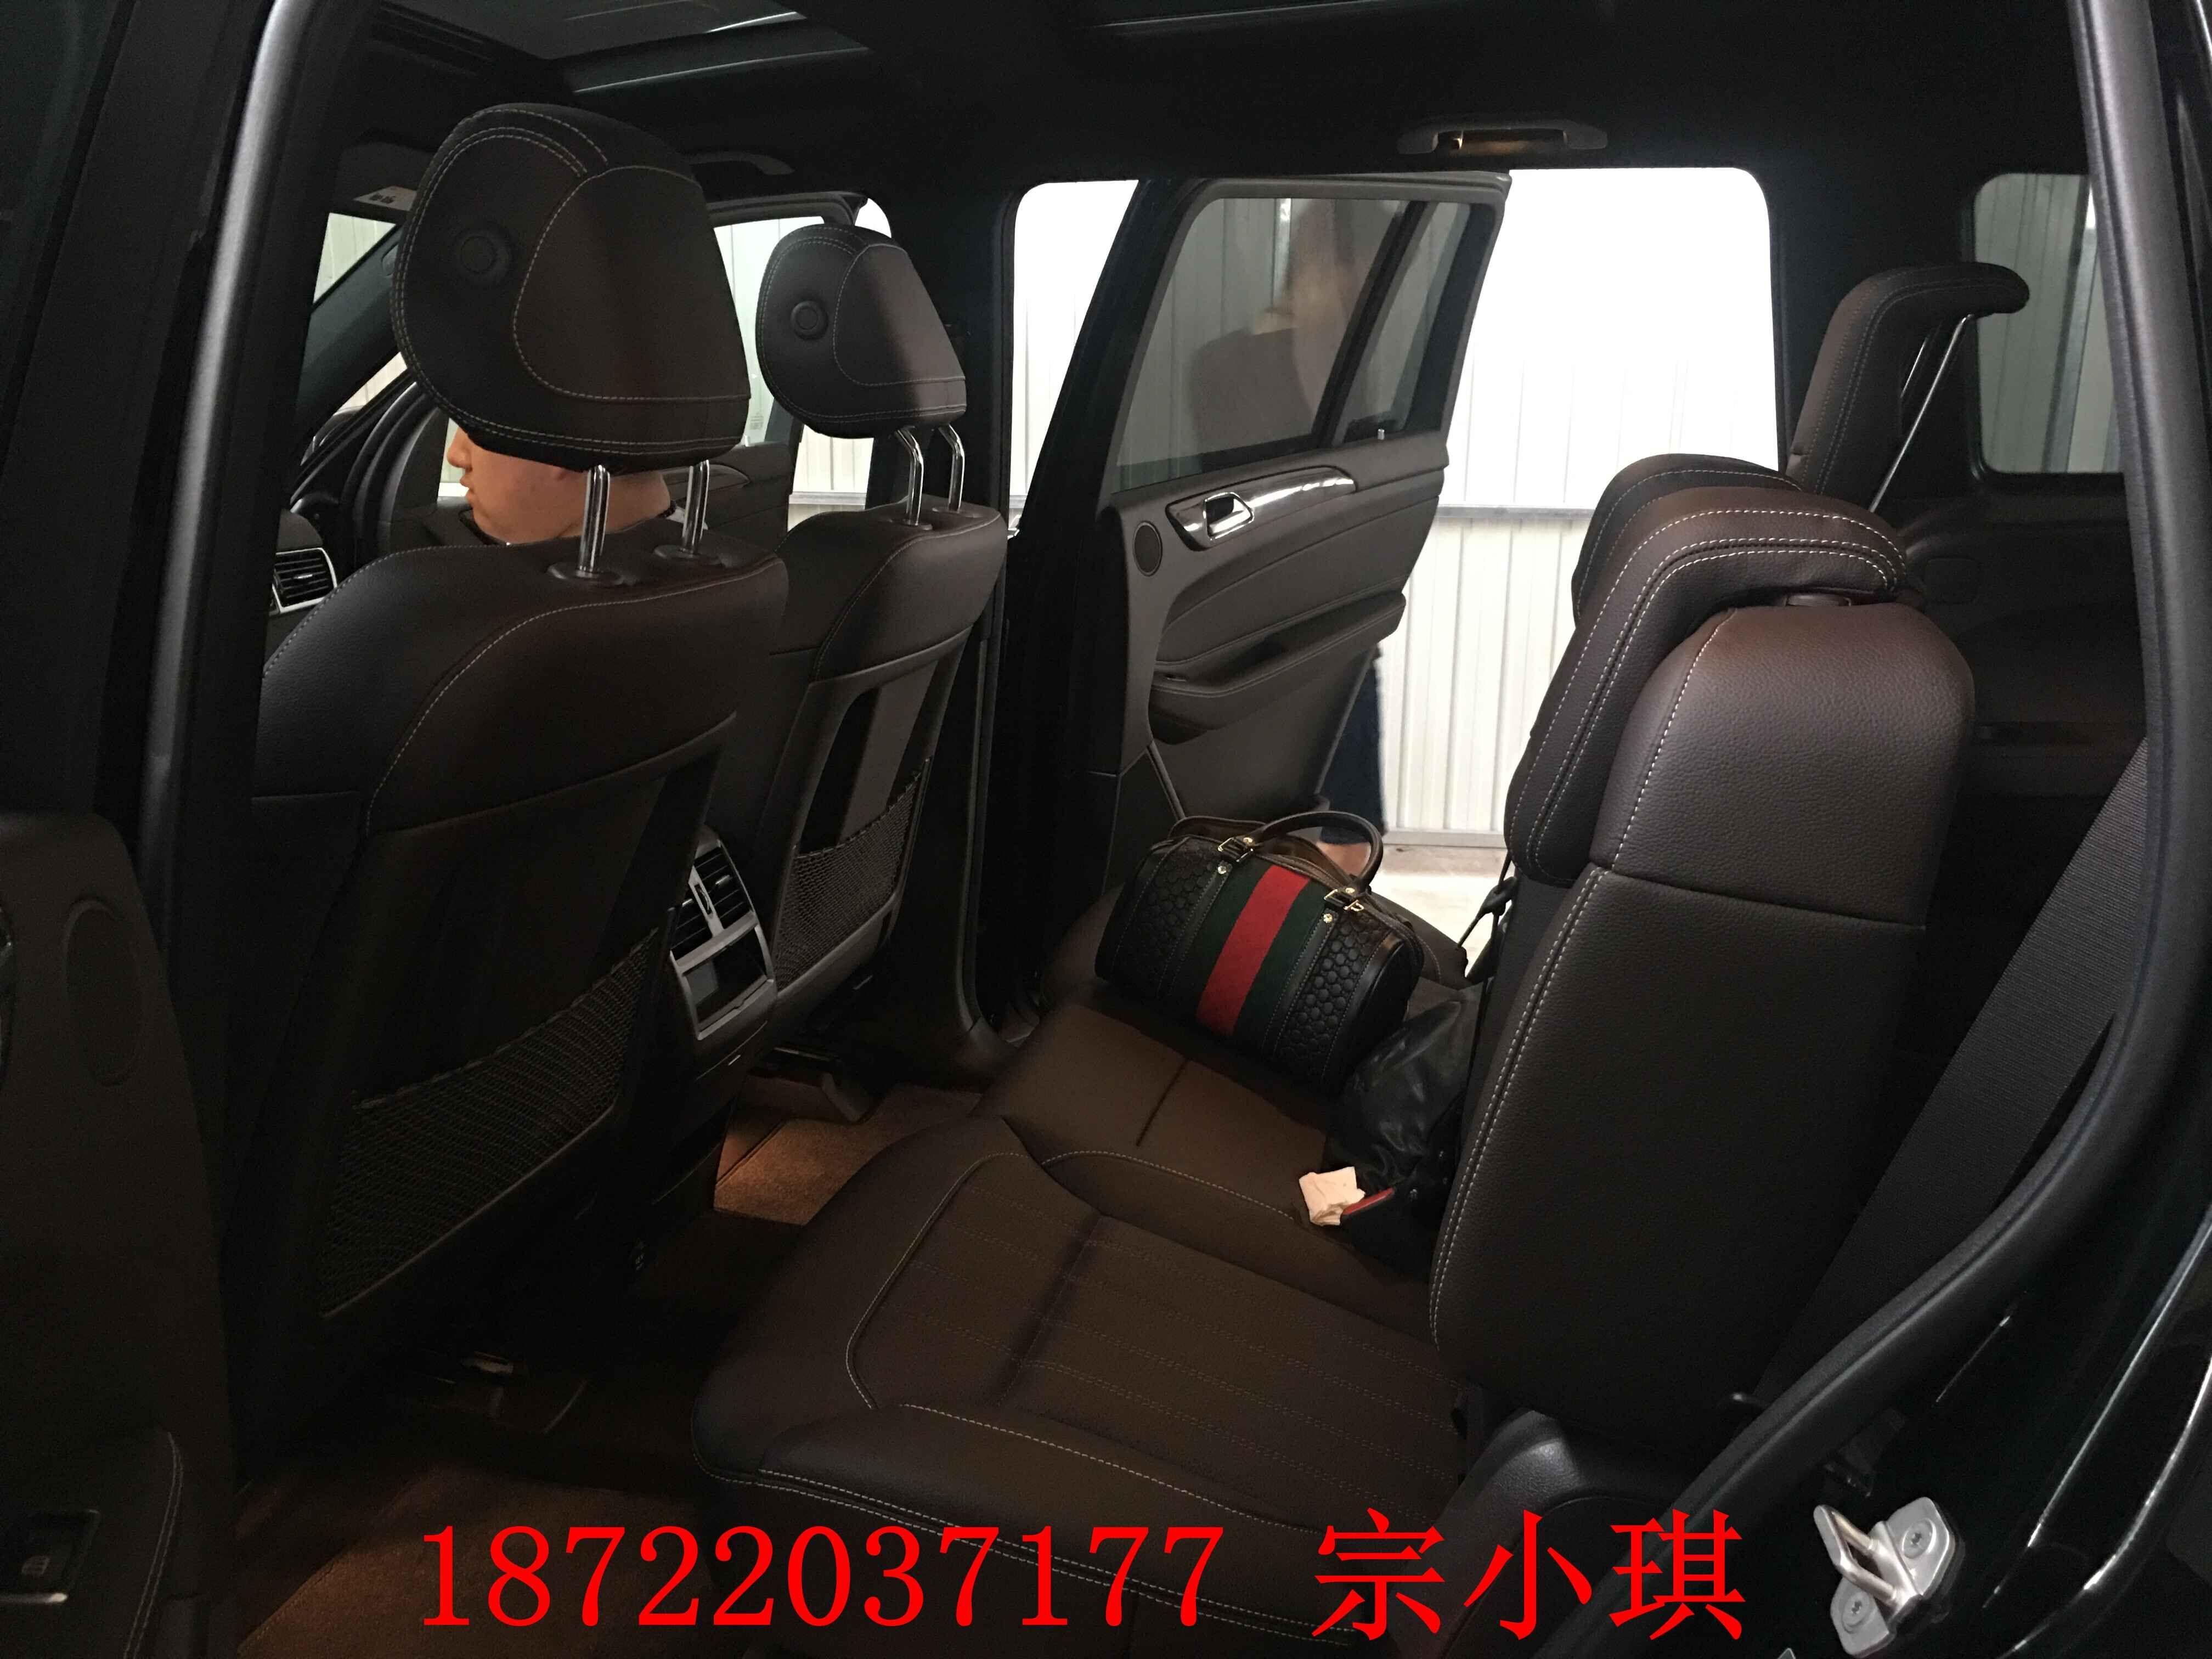 2017款奔驰gls450最低最新天津港现车惠购